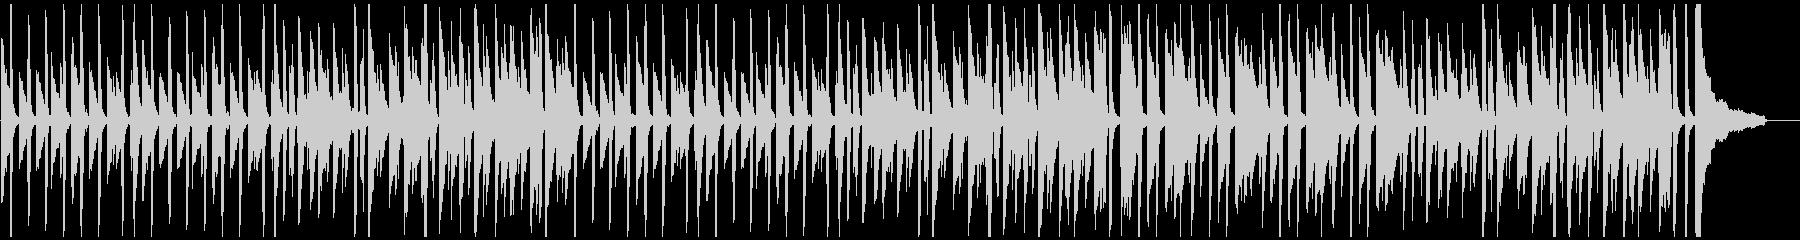 シンプルで軽快な明るいピアノ曲の未再生の波形